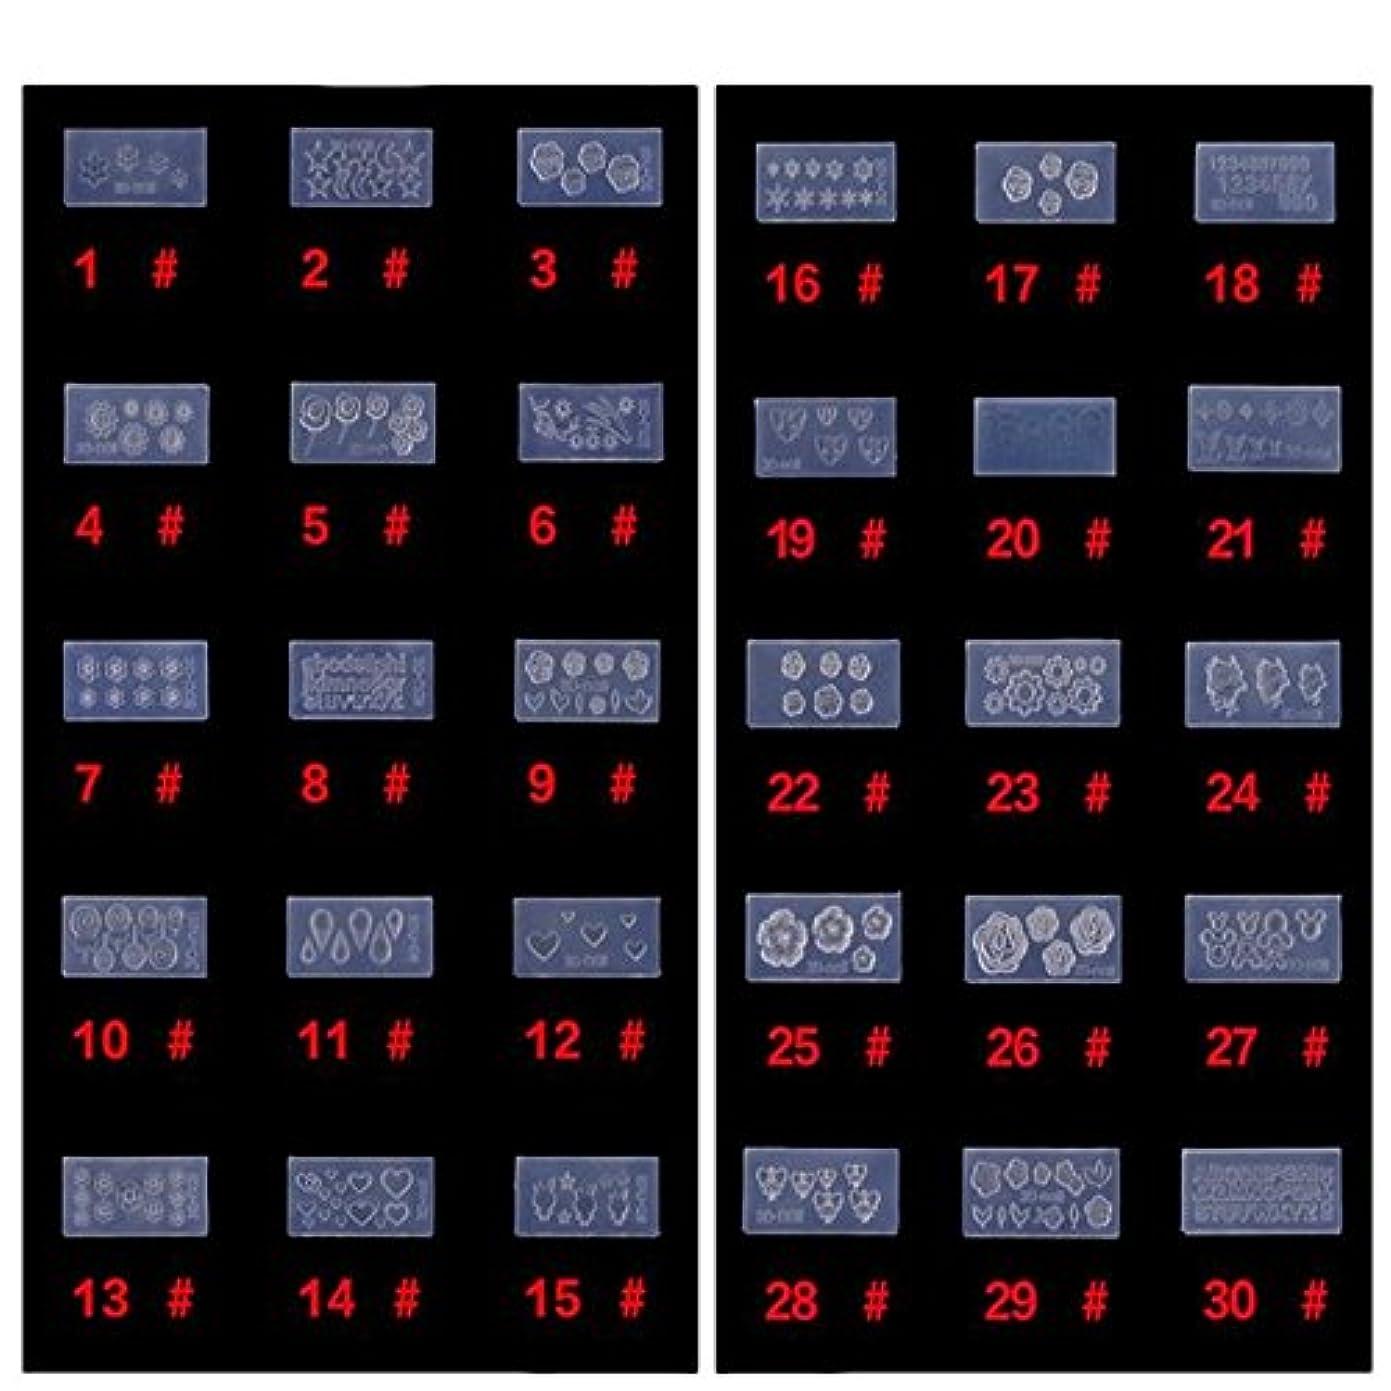 理想的には団結デイジーシリコン モールド 3D ネイル用 アートデコ まとめて30個 ランダムセット レジン 道具 型 型どり